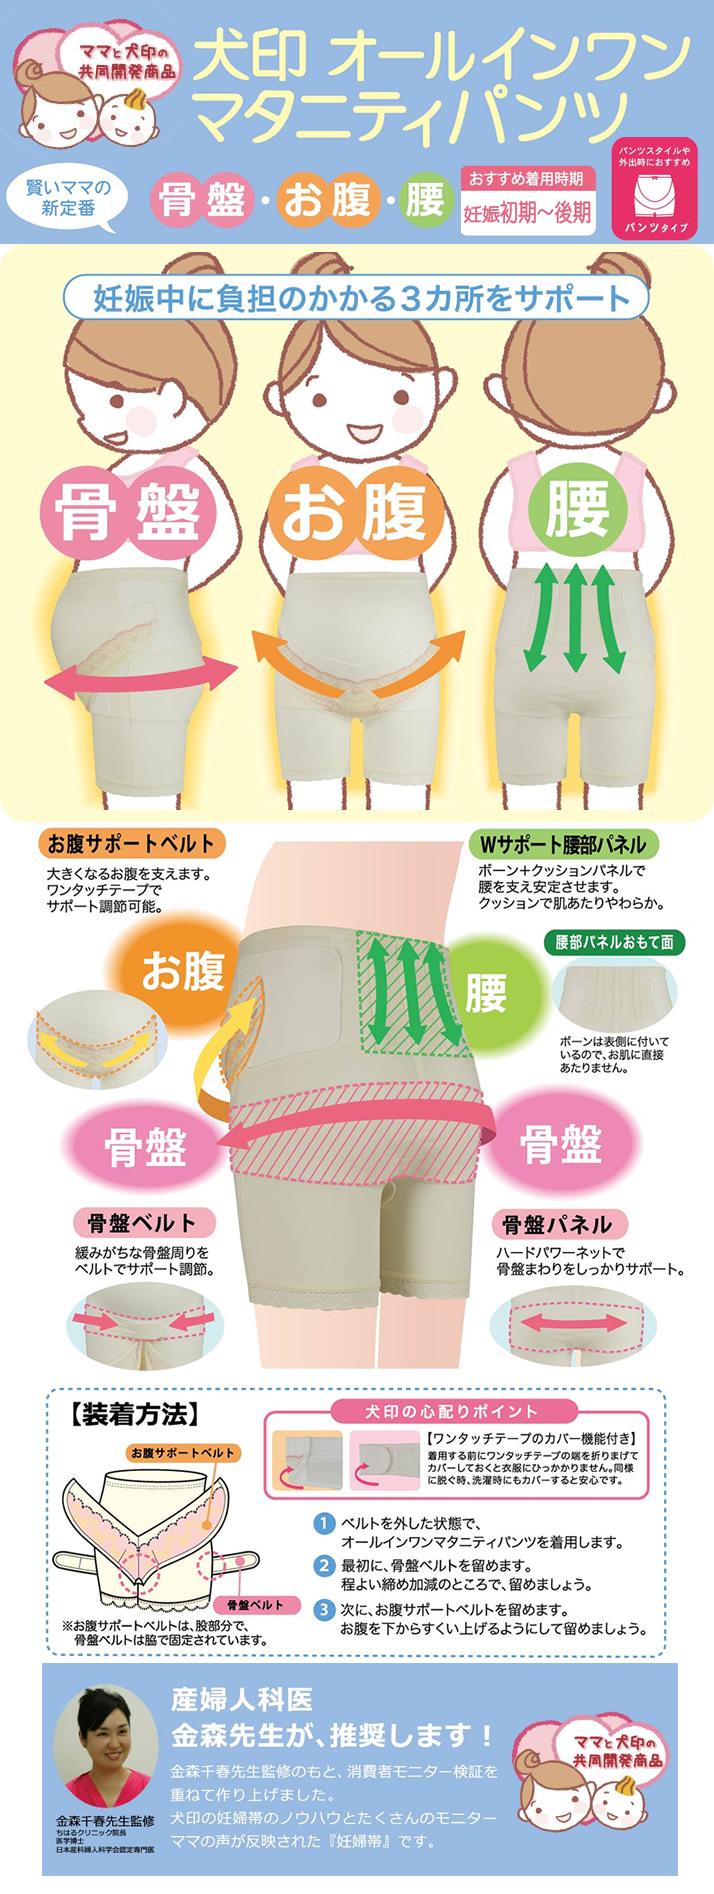 妊娠中に負担のかかる骨盤・お腹・腰の3か所をサポート。「お腹サポートベルト」大きくなるお腹を支えます。ワンタッチテープでサポート調整可能 「Wサポート腰部パネル」ボーン+クッションパネルで腰を支え安定させます。クッションで肌あたりやわらか。ボーンは表側についているのでお肌に直接あたりません。「骨盤ベルト」緩みがちな骨盤まわりをベルトでサポート調整。「骨盤パネル」ハードパワーネットで骨盤まわりをしっかりサポート。 【装着方法】①ベルトを外した状態で、オールインワンマタニティパンツを着用します。②最初に、骨盤ベルトを留めます。程よい締め加減のところで留めましょう。③次に、お腹サポートベルトを留めます。お腹を下からすくい上げるようにして留めましょう。 《犬印の心配りポイント》【ワンタッチテープのカバー機能付き】着用する前にワンタッチテープの端を折り曲げてカバーしておくと衣服にひっかかりません。同様に脱ぐ時、洗濯時にもカバーすると安心です。【産婦人科医金森先生が、推奨します!】金森千春先生(ちはるクリニック院長・医学博士・日本産化婦人科学会認定専門医)監修のもと、消費者モニター検証を重ねて作り上げました。犬印の妊婦帯のノウハウとたくさんのモニターママの声が反映された『妊婦帯』です。